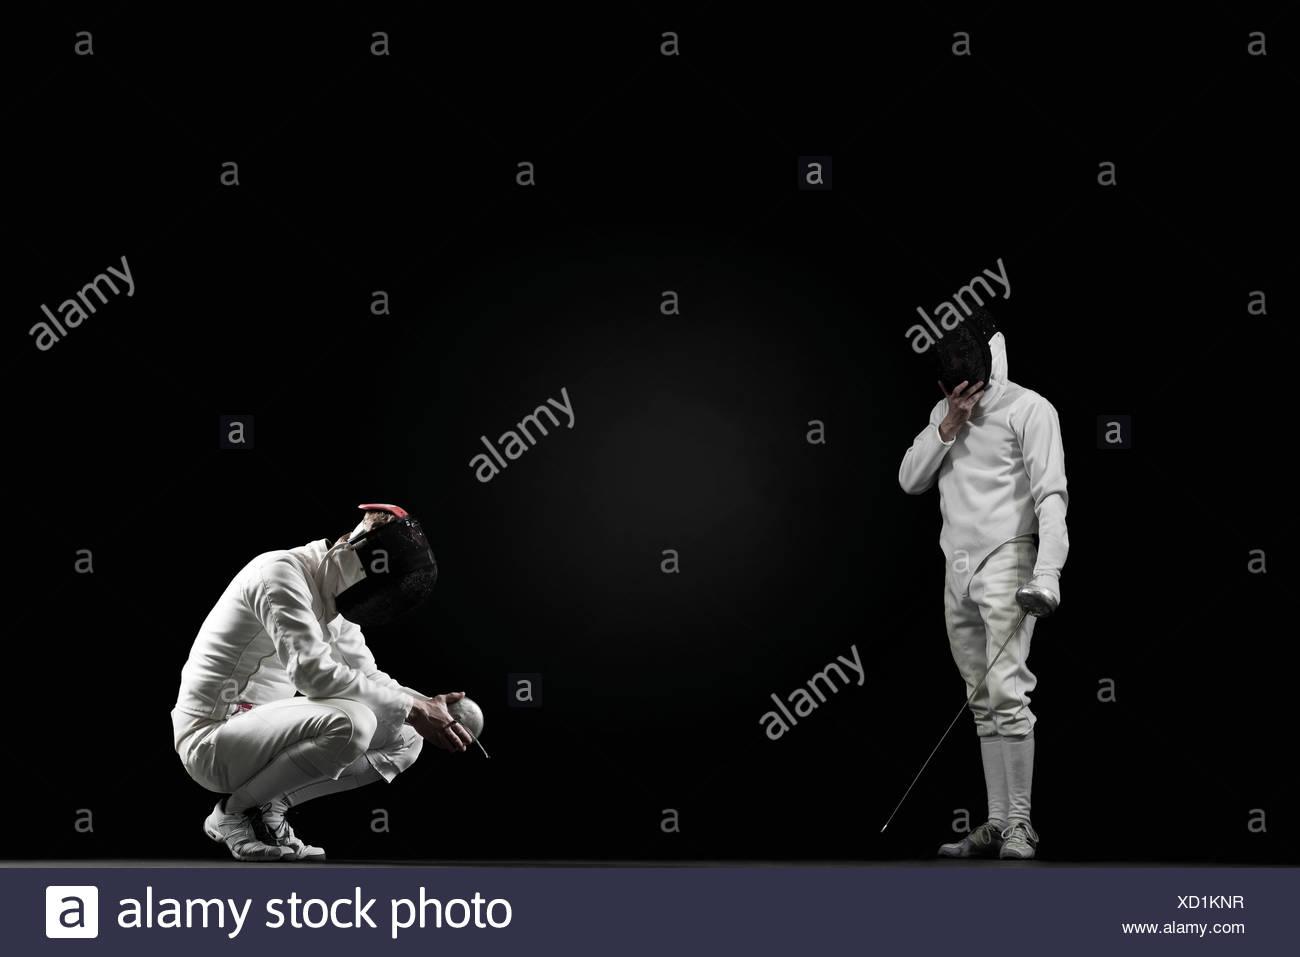 Ganar esgrimista y derrotado esgrimista Imagen De Stock